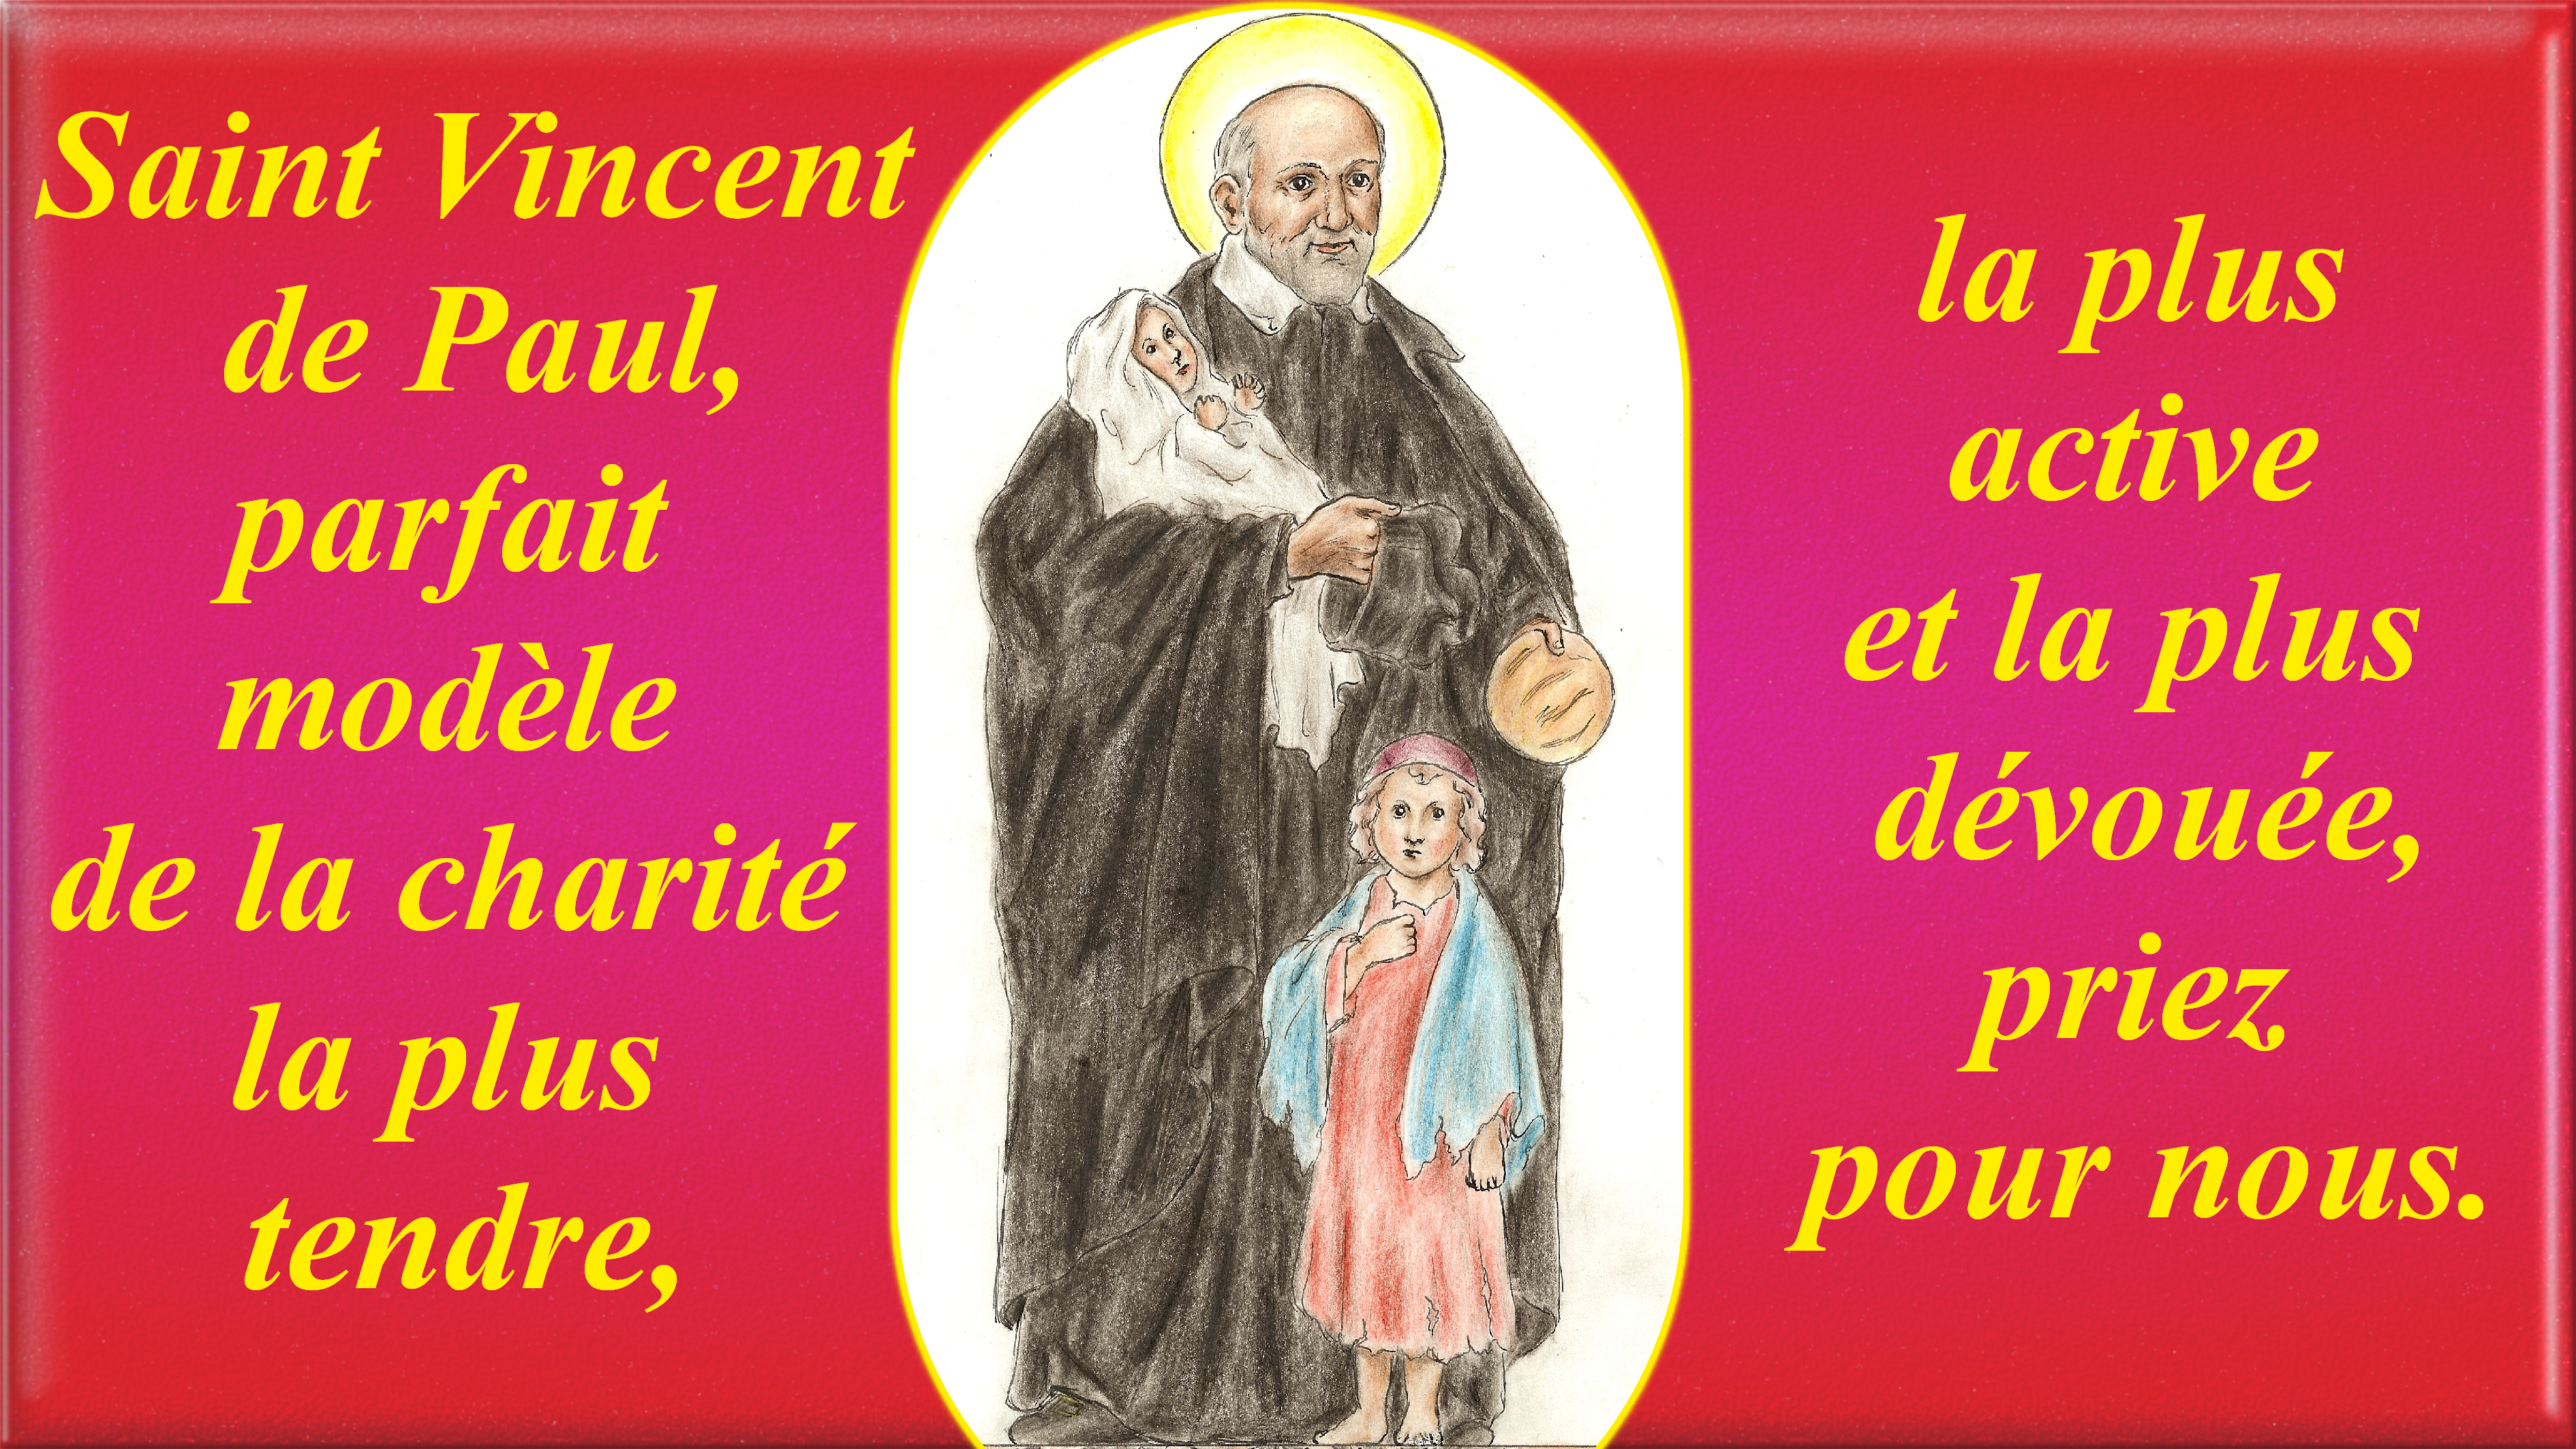 CALENDRIER CATHOLIQUE 2019 (Cantiques, Prières & Images) - Page 3 St-vincent-de-paul-5663787